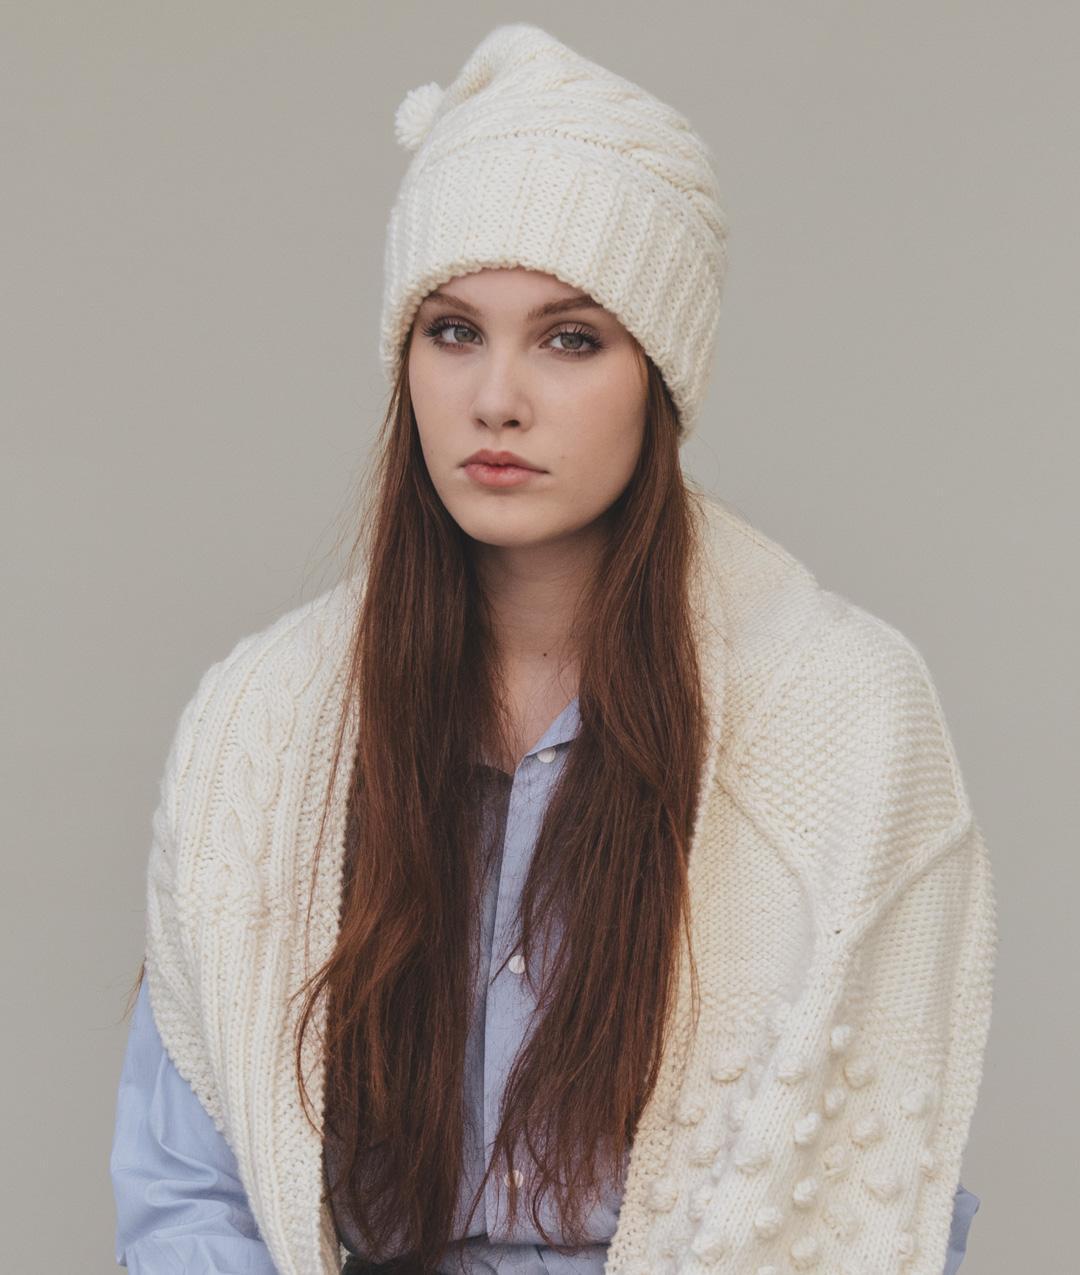 Scarves and Snoods - WoolScarves and Snoods - Wool - Love Grammar Scarf & Hat - 1